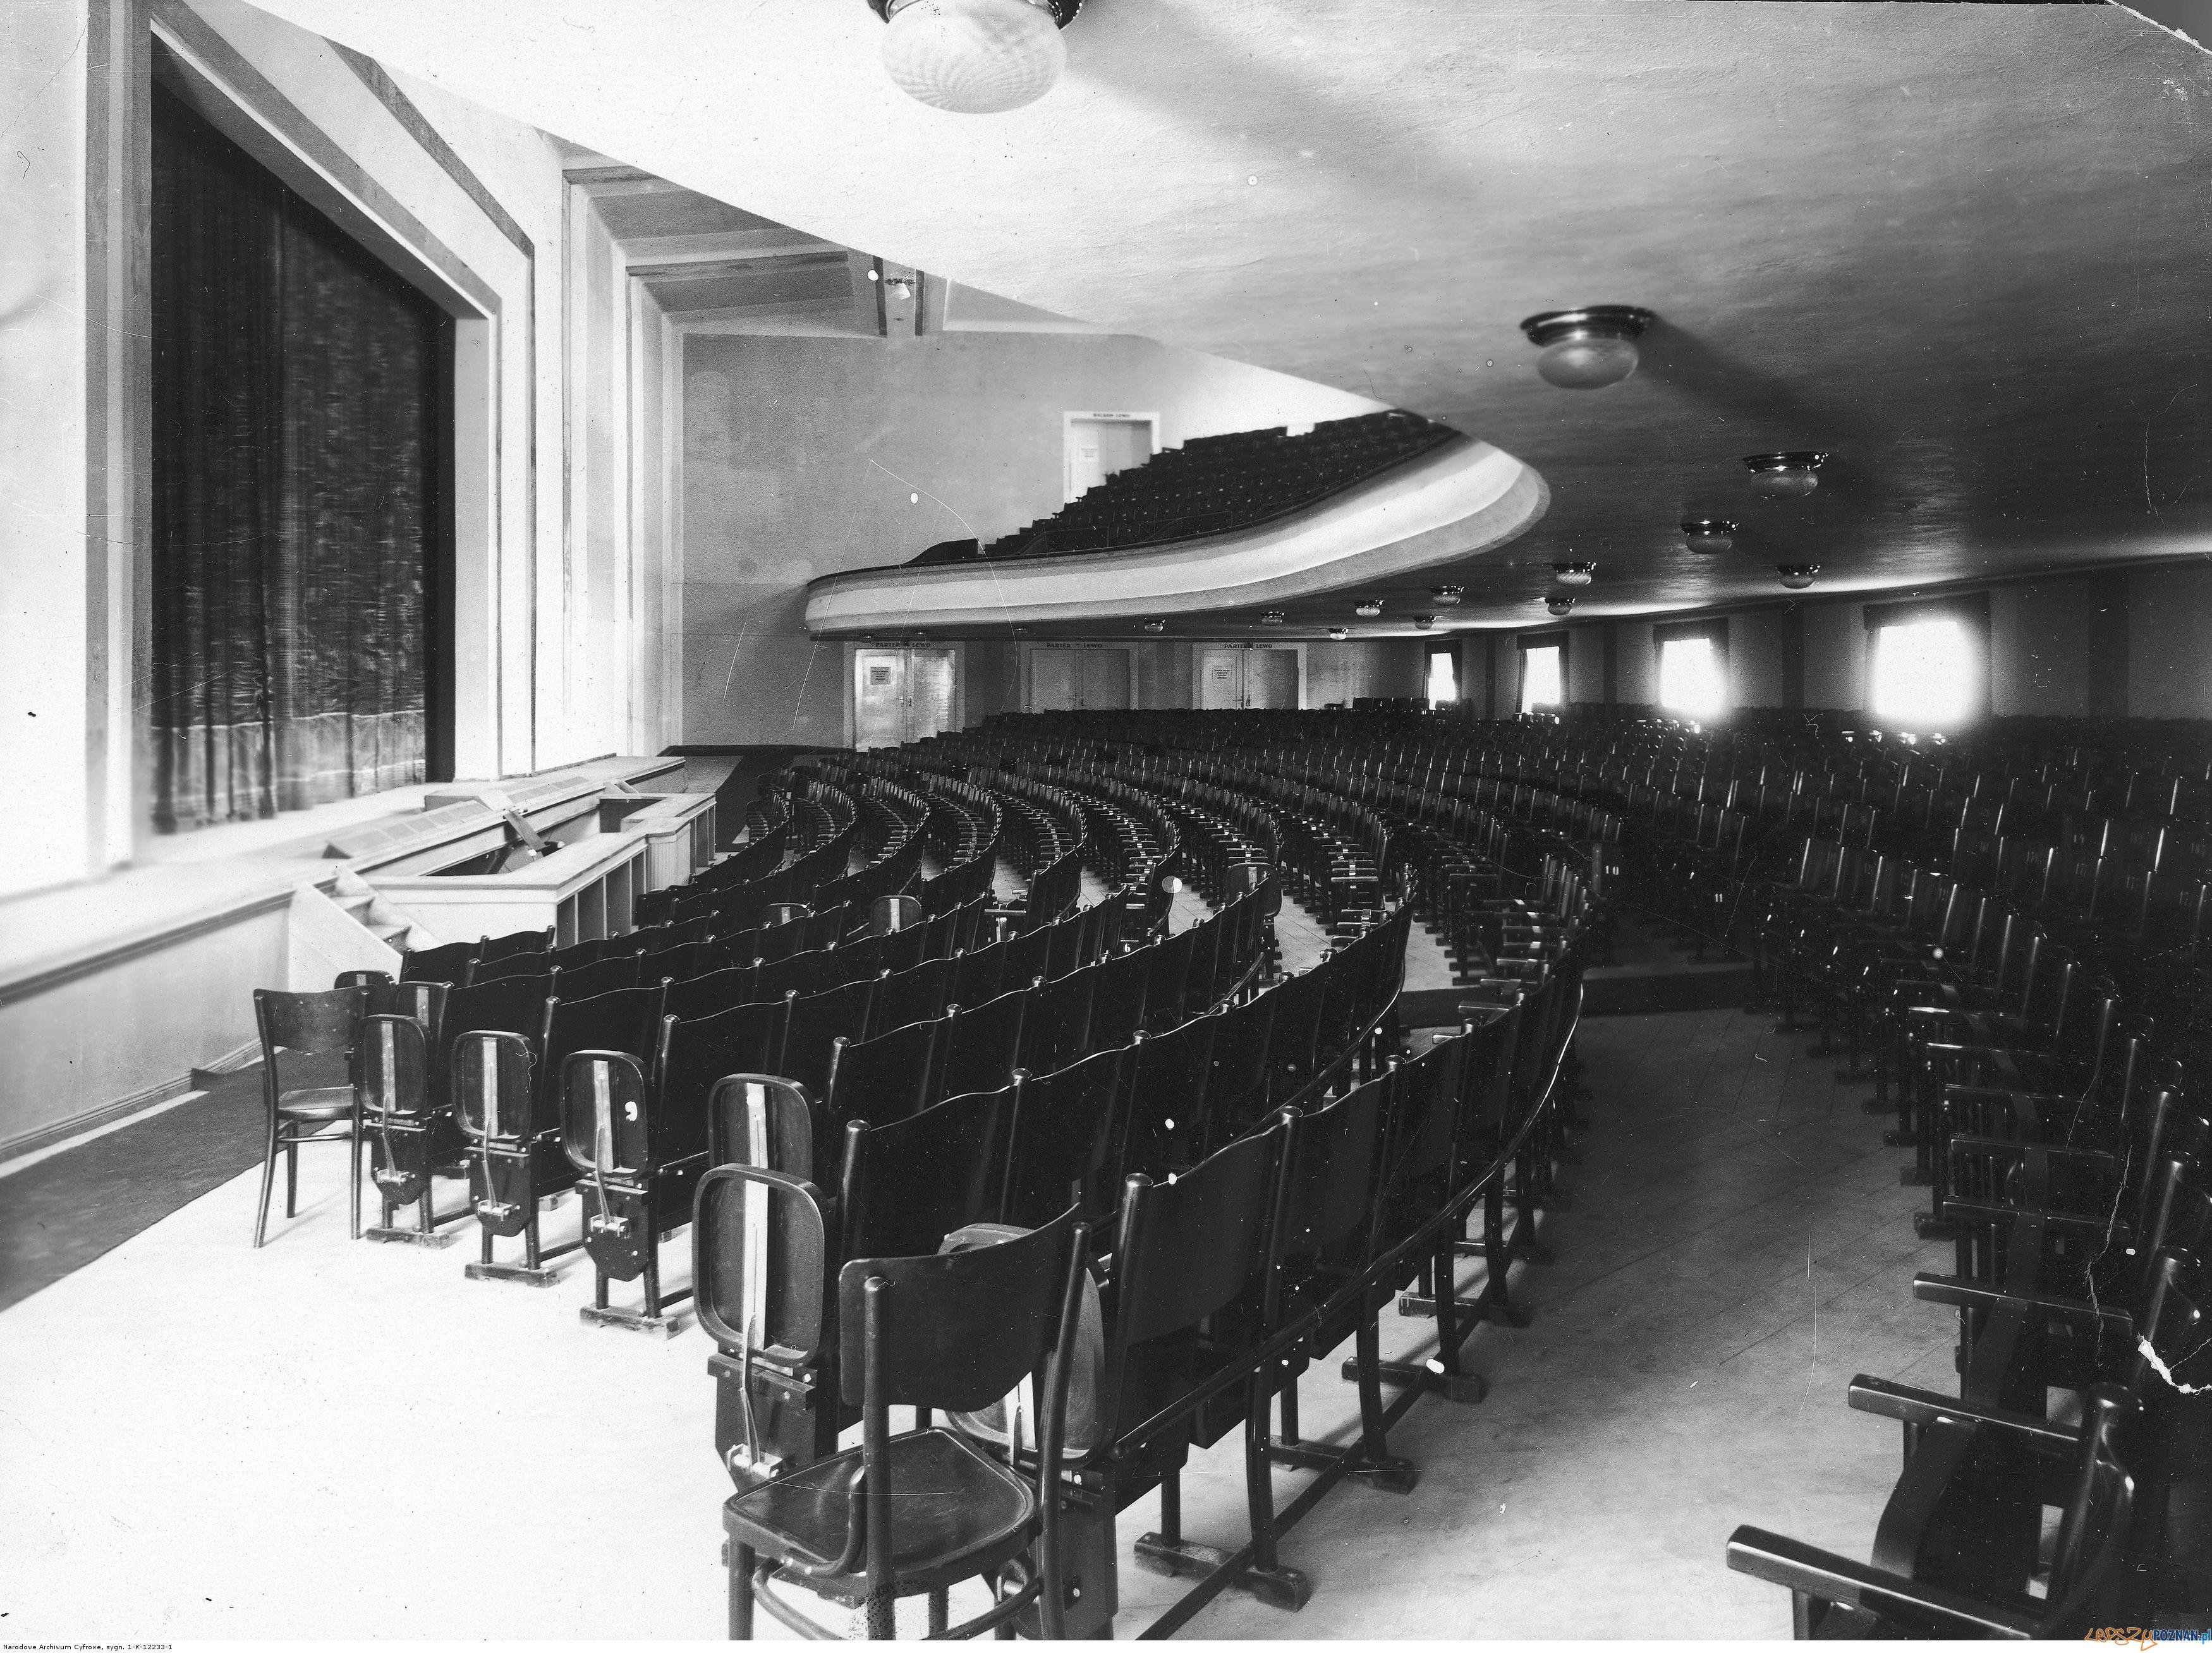 Kino Słońce 1929-31 - Plac Wolności  Foto: Narodowe Archiwum Cyfrowe / NAC /domena publiczna